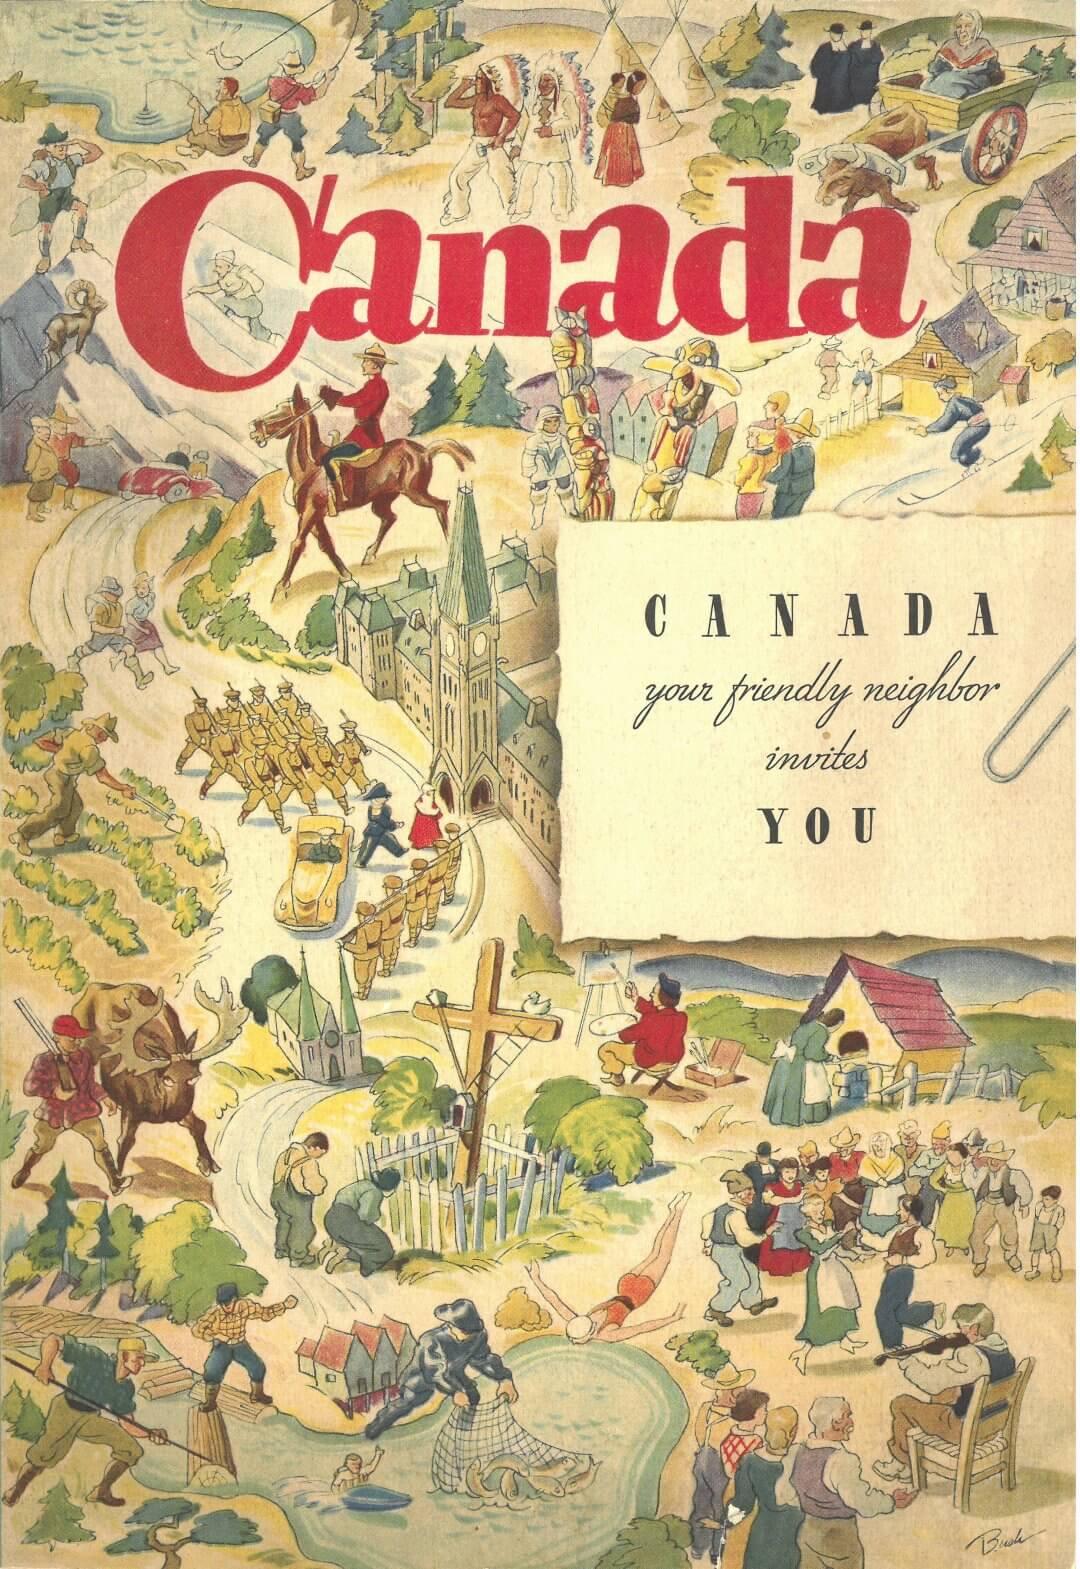 Canada invites you titre